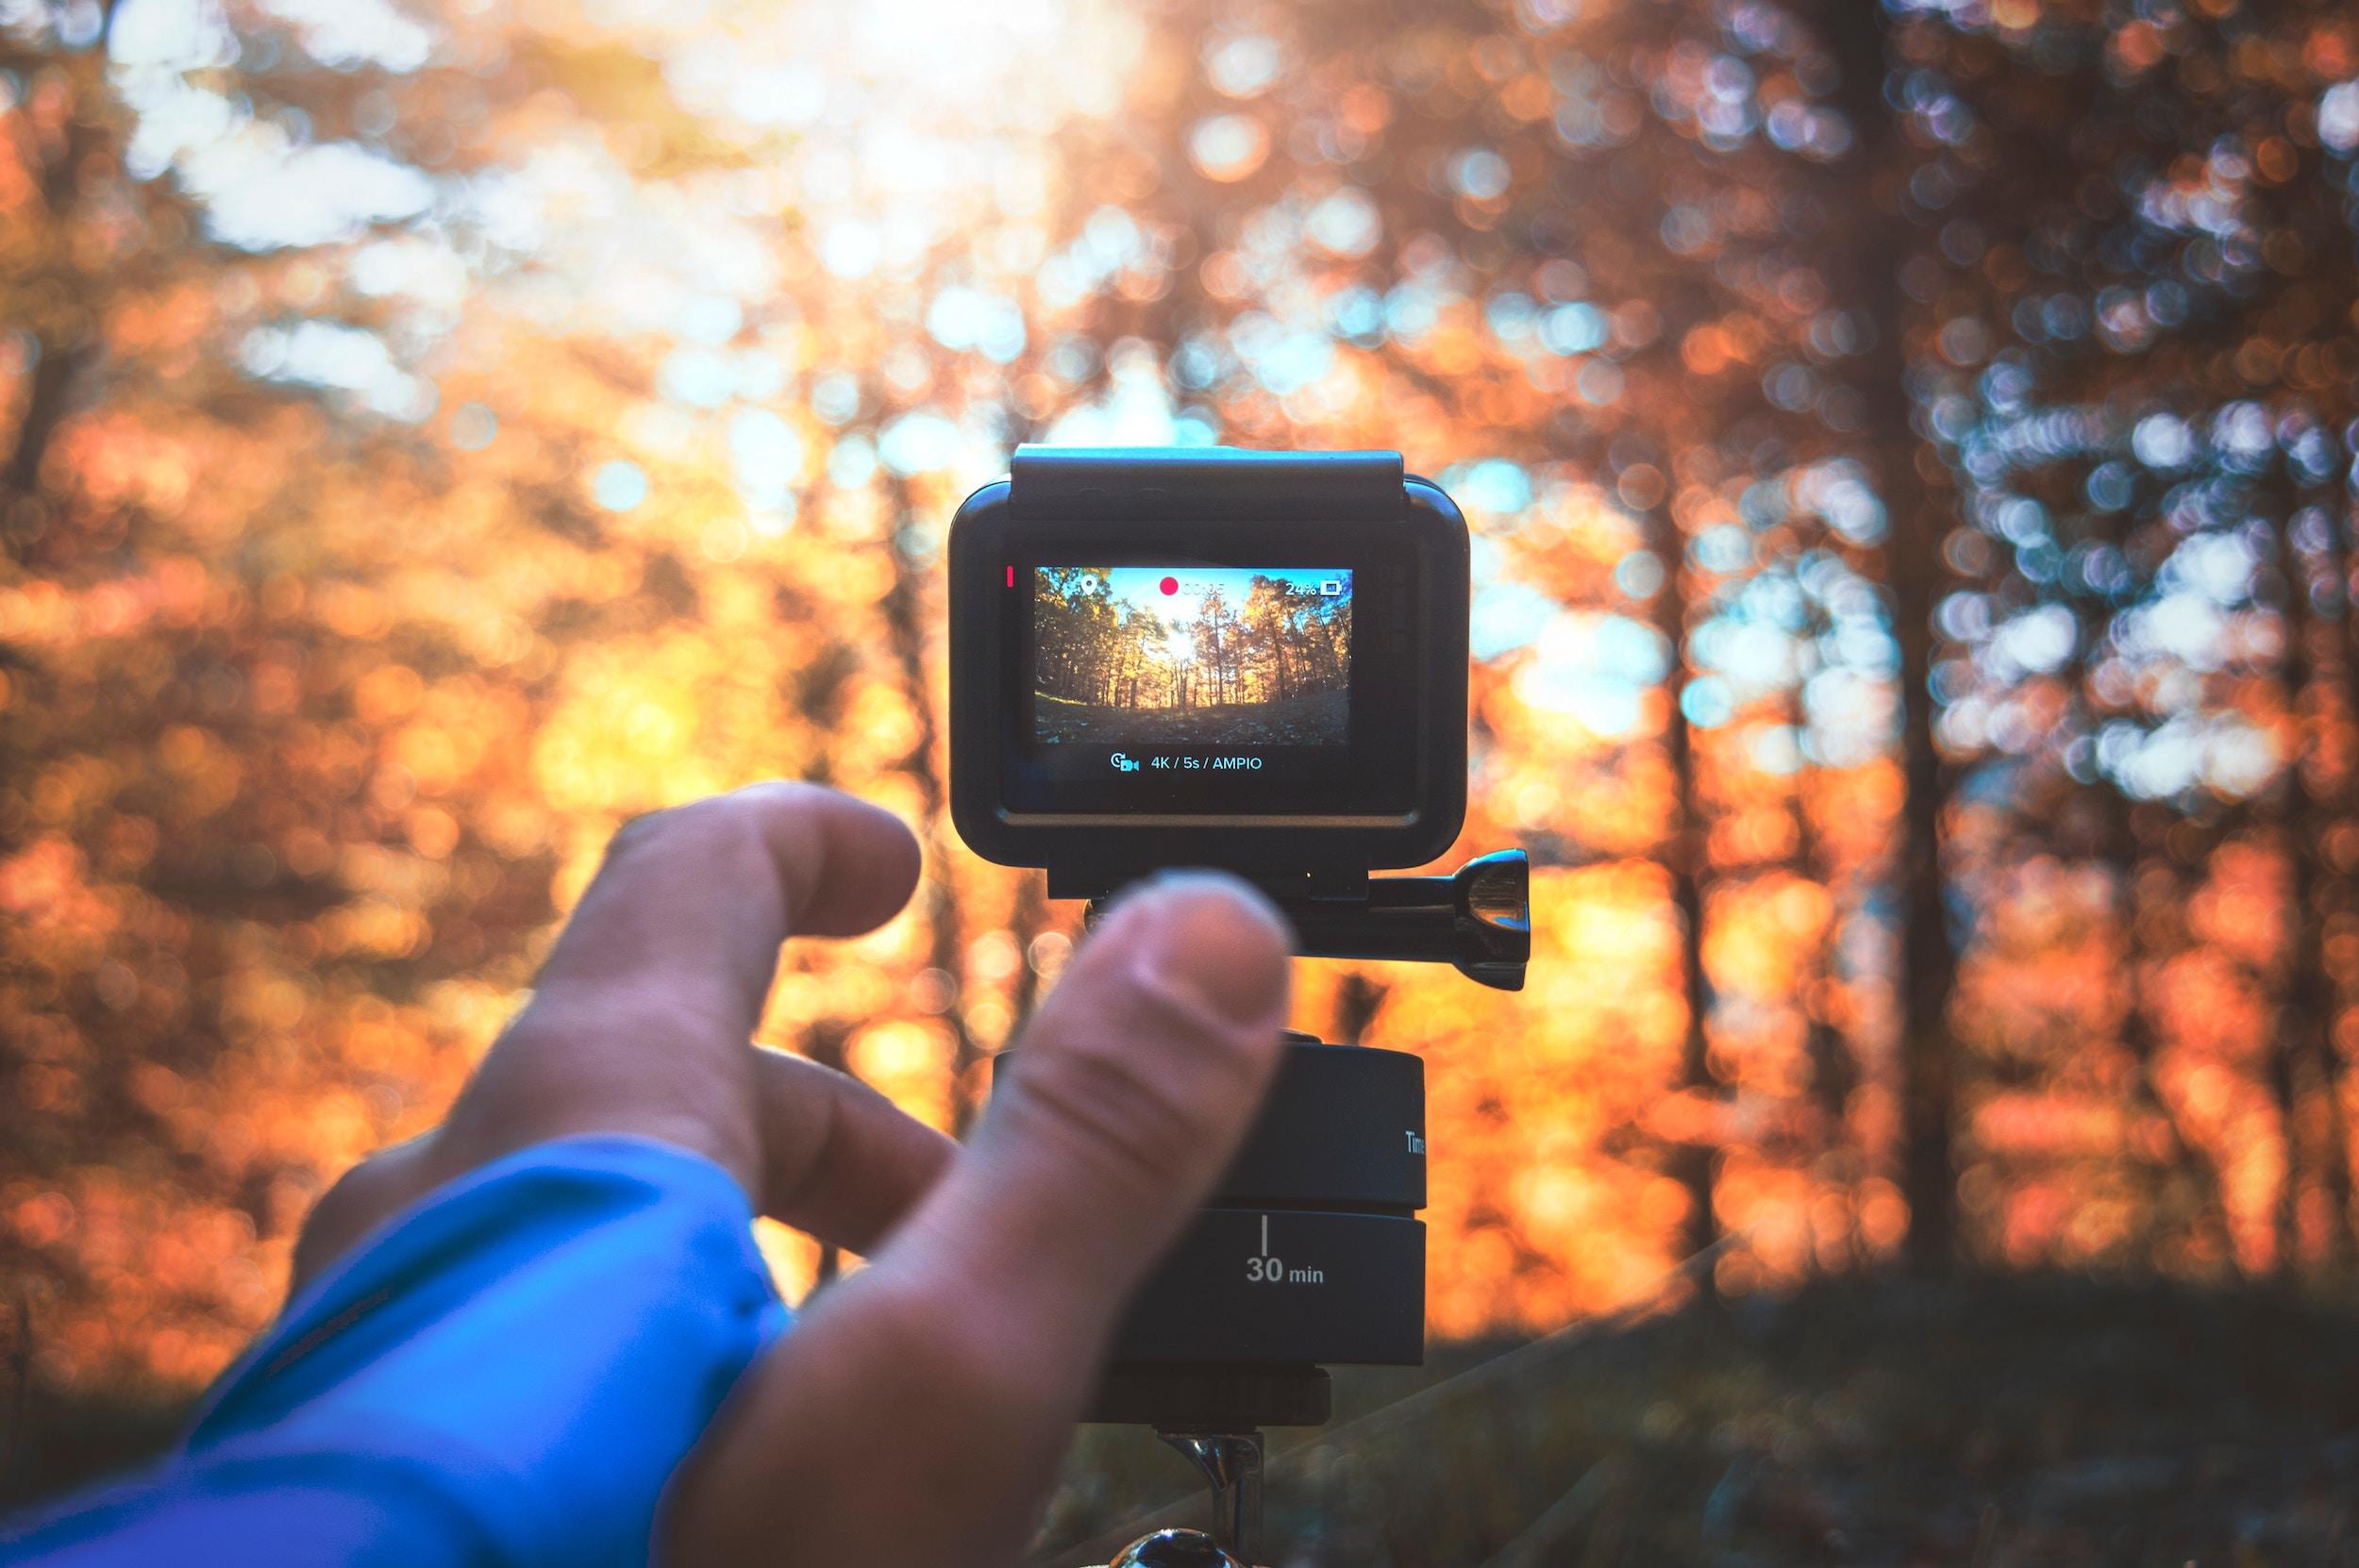 őszi táj goproval, GoPro Hero 5, Hero 6, gyönyörű felvétel, appsolute, gopro akciókamera, gopro bérlés, hegyek, tavak, vízálló akciókamera HD akciókamera vásárlás, GoPro HD kamera, tippek, trükkök, beállítások, beüzemelés, GoPro 5 és 6 újdonságai